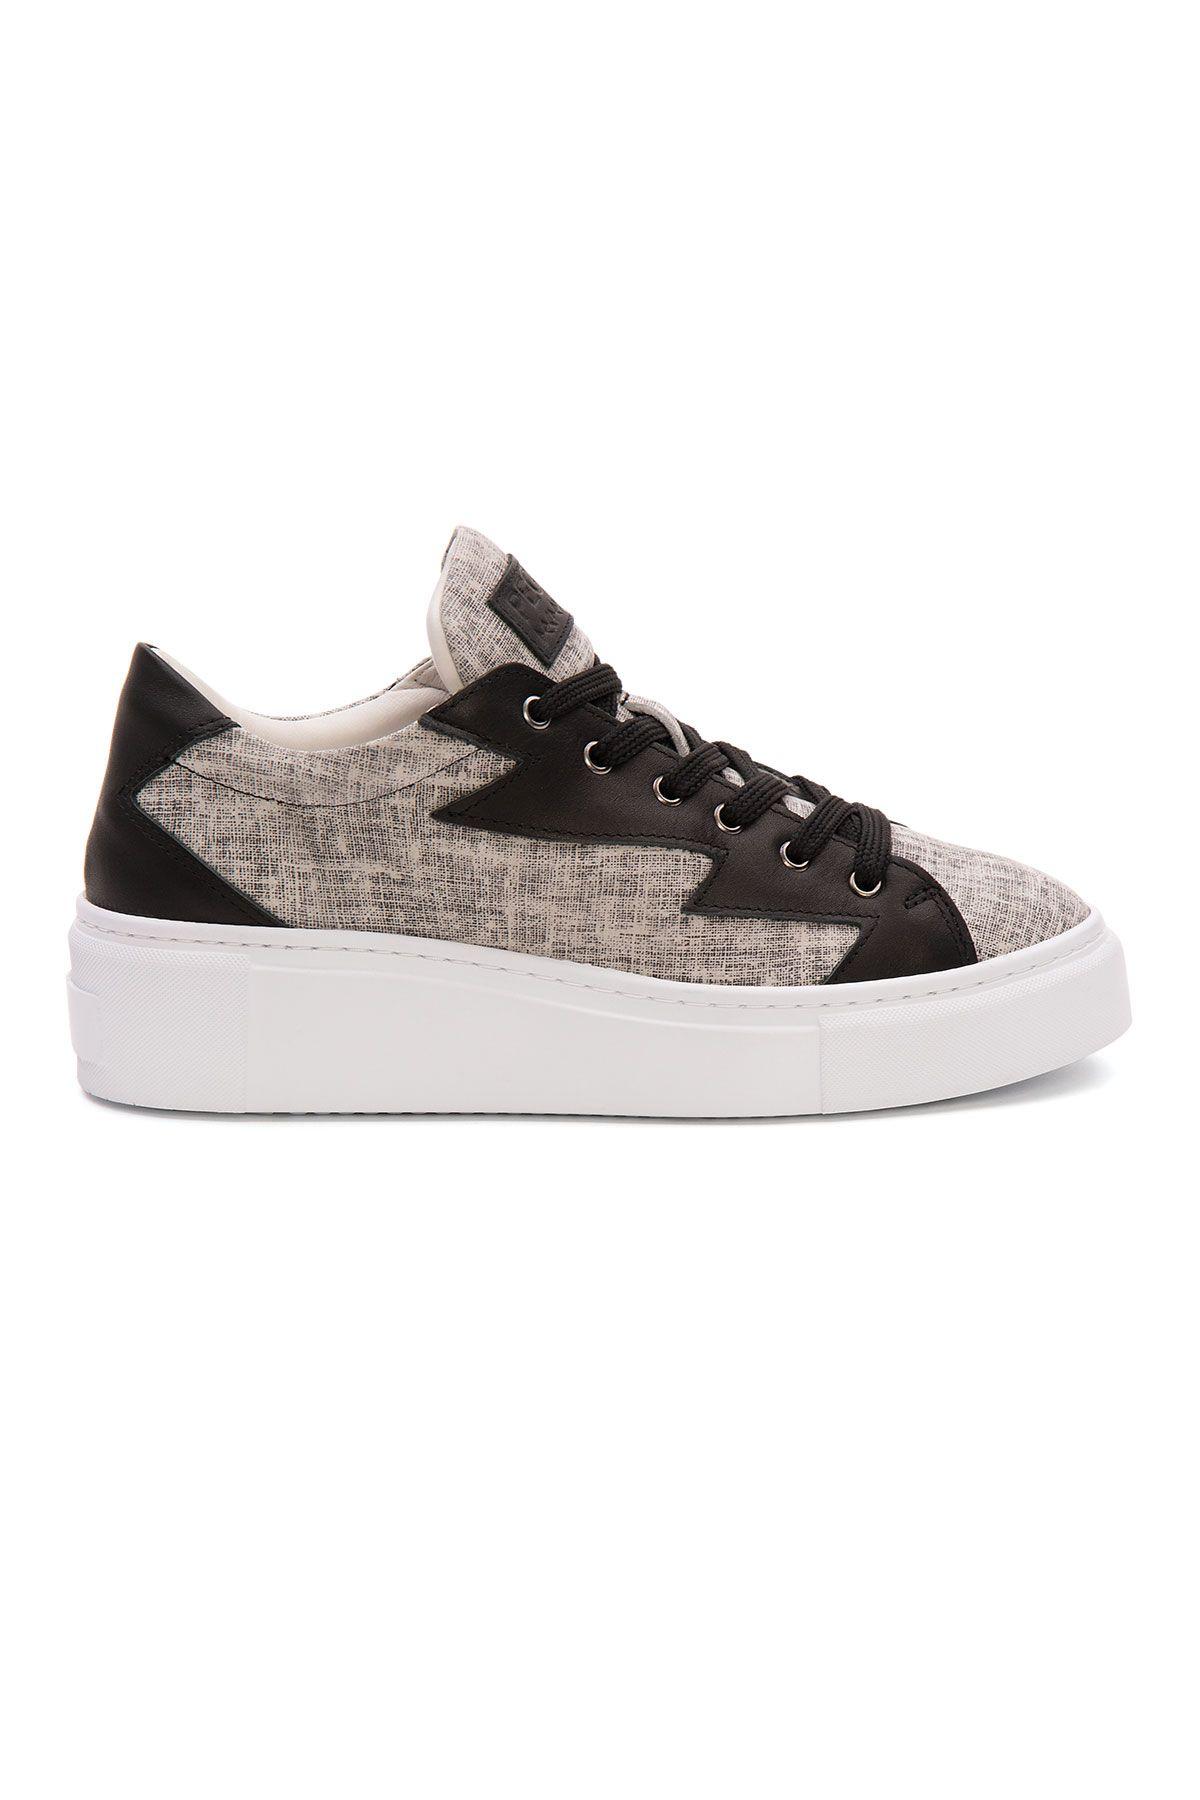 Pegia Genuine Leather Women's Sneaker LA1524 Black